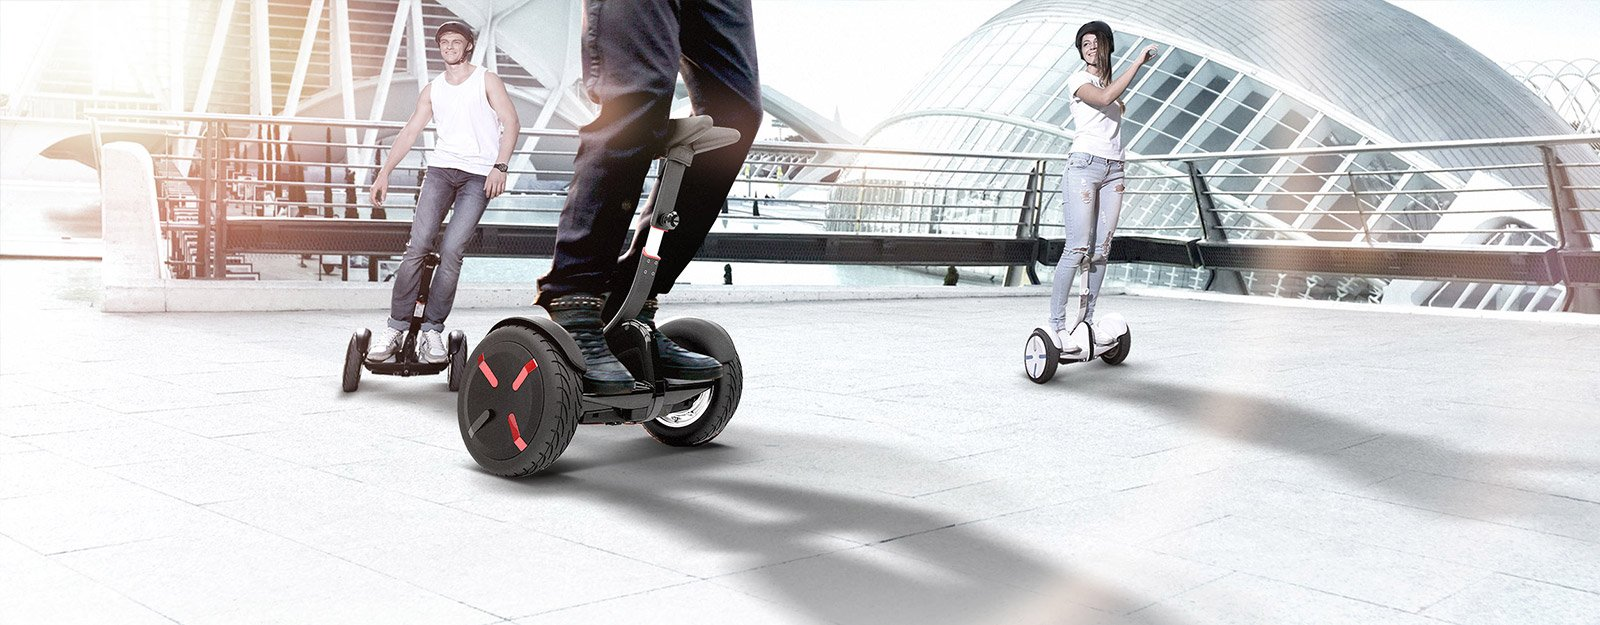 Nouveau, Urban Trotter's pour se déplacer en mode fun et écolo 2